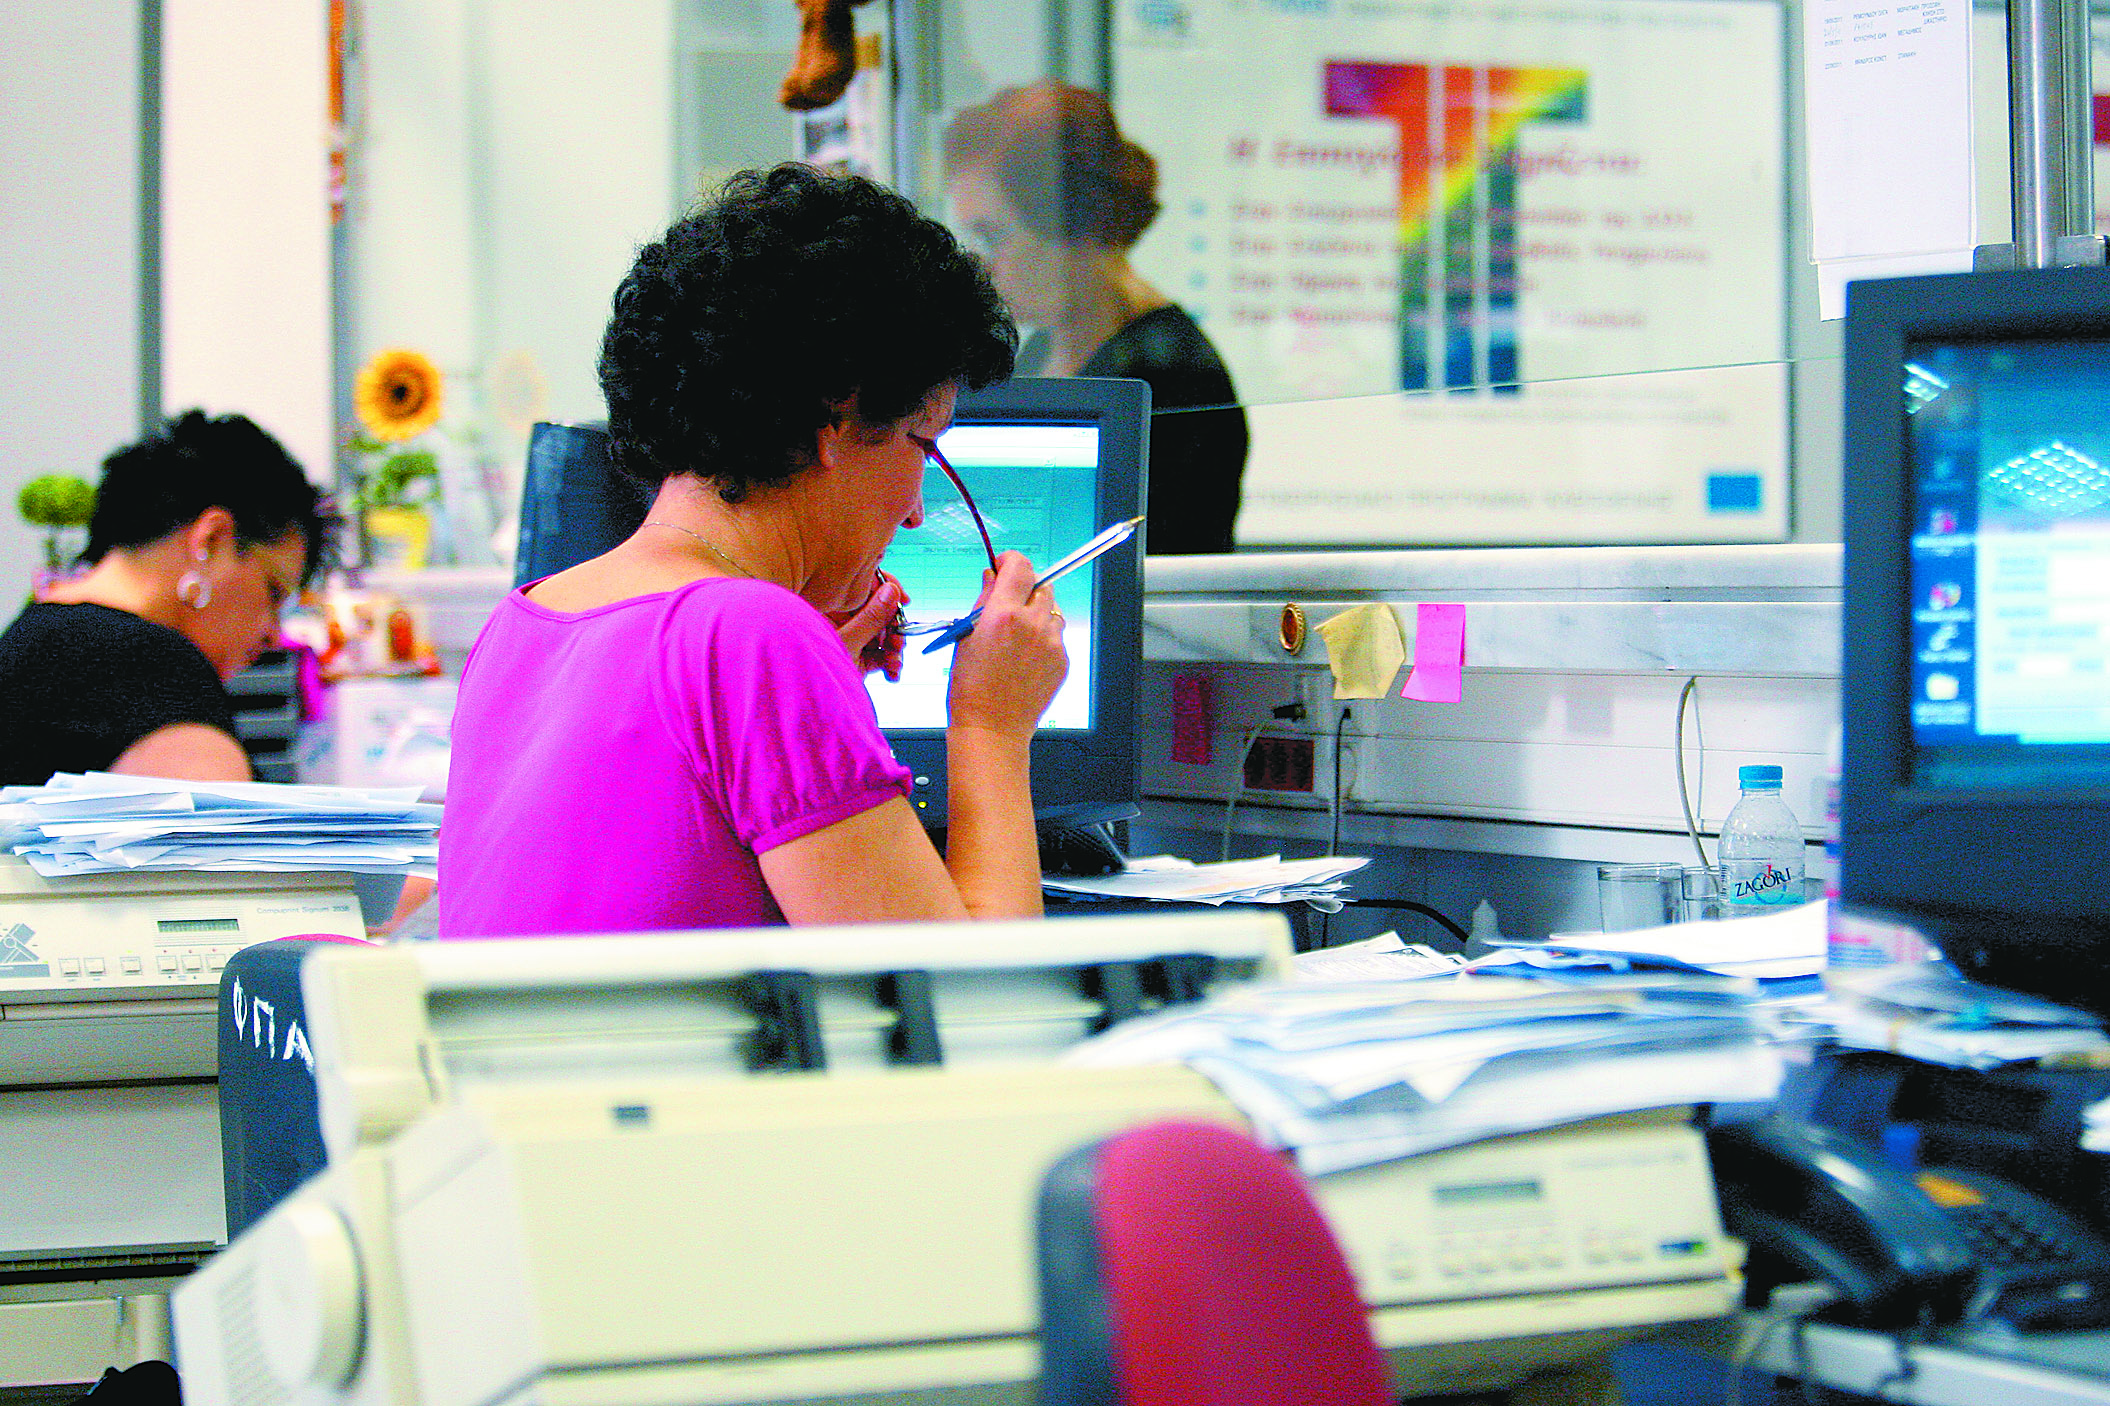 Νέα εμπλοκή με τη διαθεσιμότητα 12.500 δημοσίων υπαλλήλων | tovima.gr